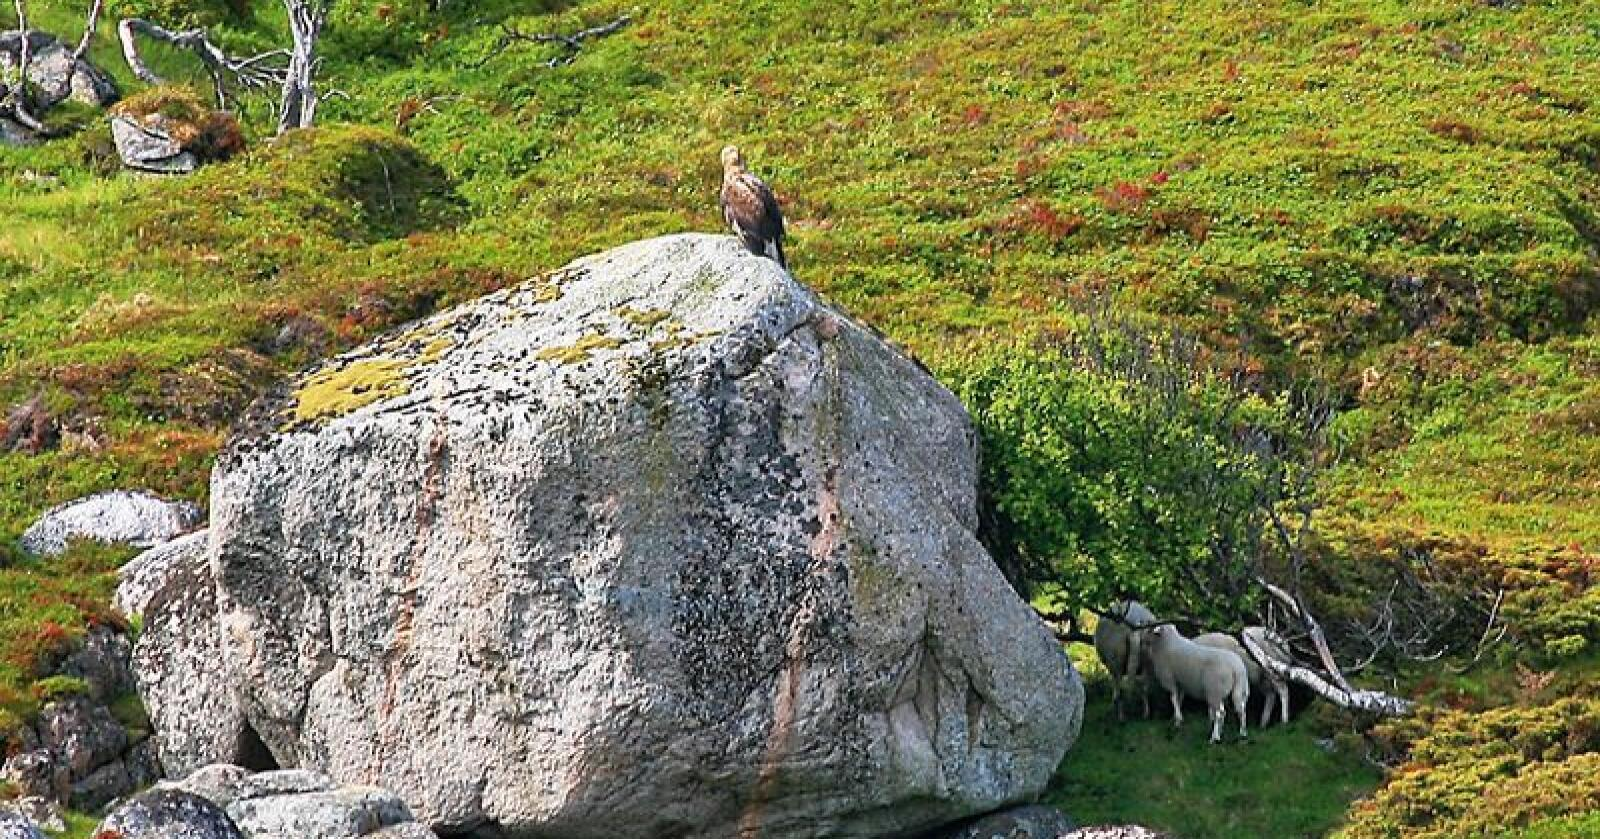 Bjørn Tore Søfting har mistet mange lam på beite til ørna de siste årene. Han sier det er vanskelig å dokumentere når ørna ofte spiser opp alt i løpet av kort tid.